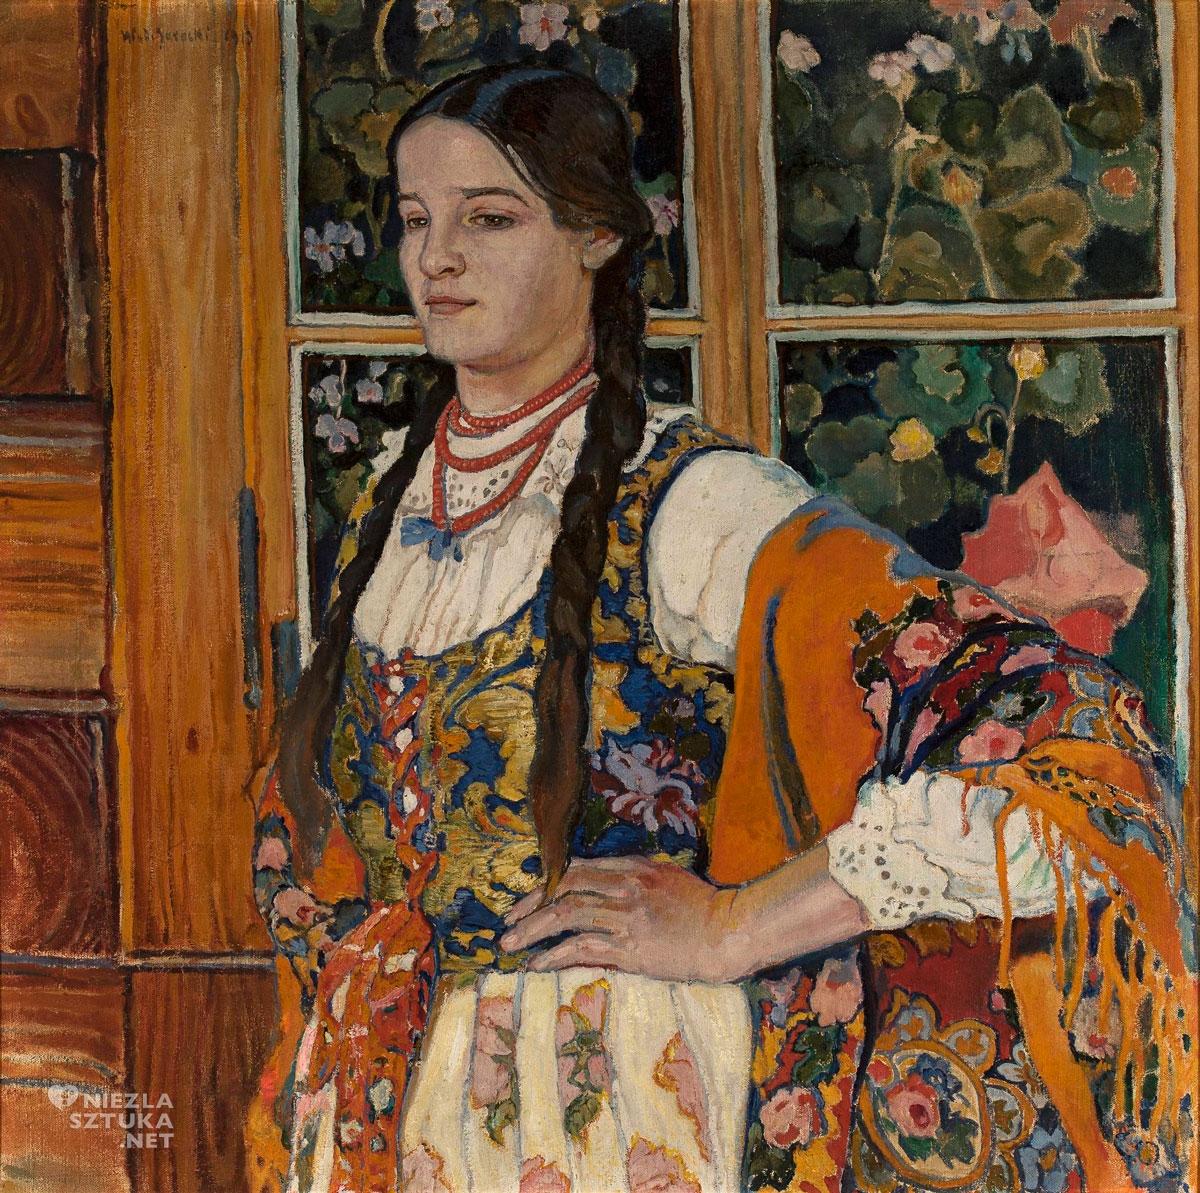 Władysław Jarocki, Helenka z Poronina, górale, góralka, Młoda Polska, niezła sztuka